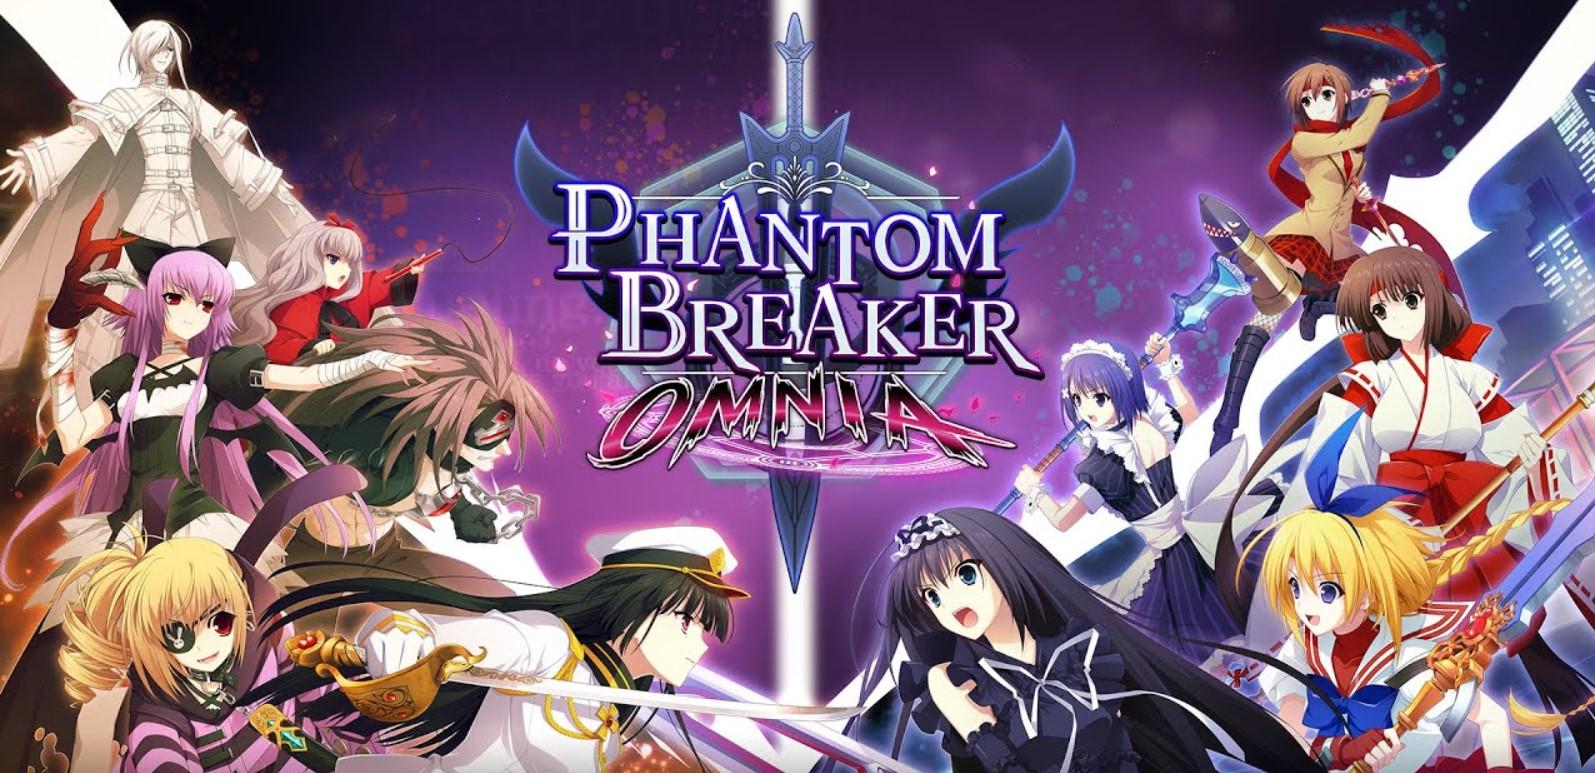 Phantom Breaker Omnia Full Version Free Download iPhone